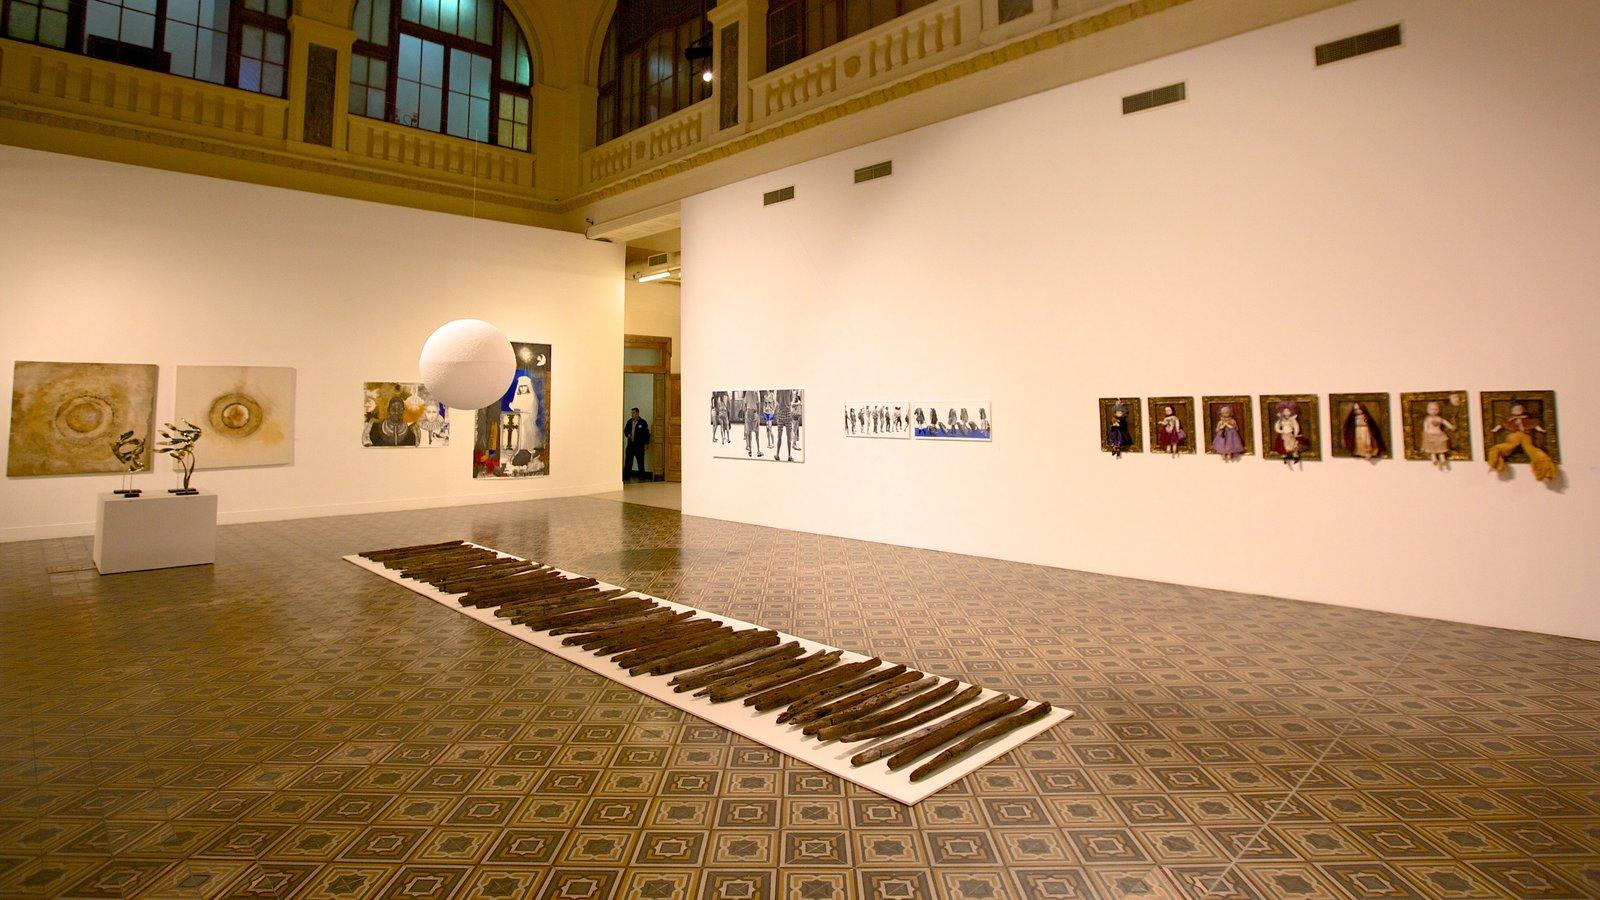 Museu de Arte do Rio Grande do Sul que inclui vistas internas e arte